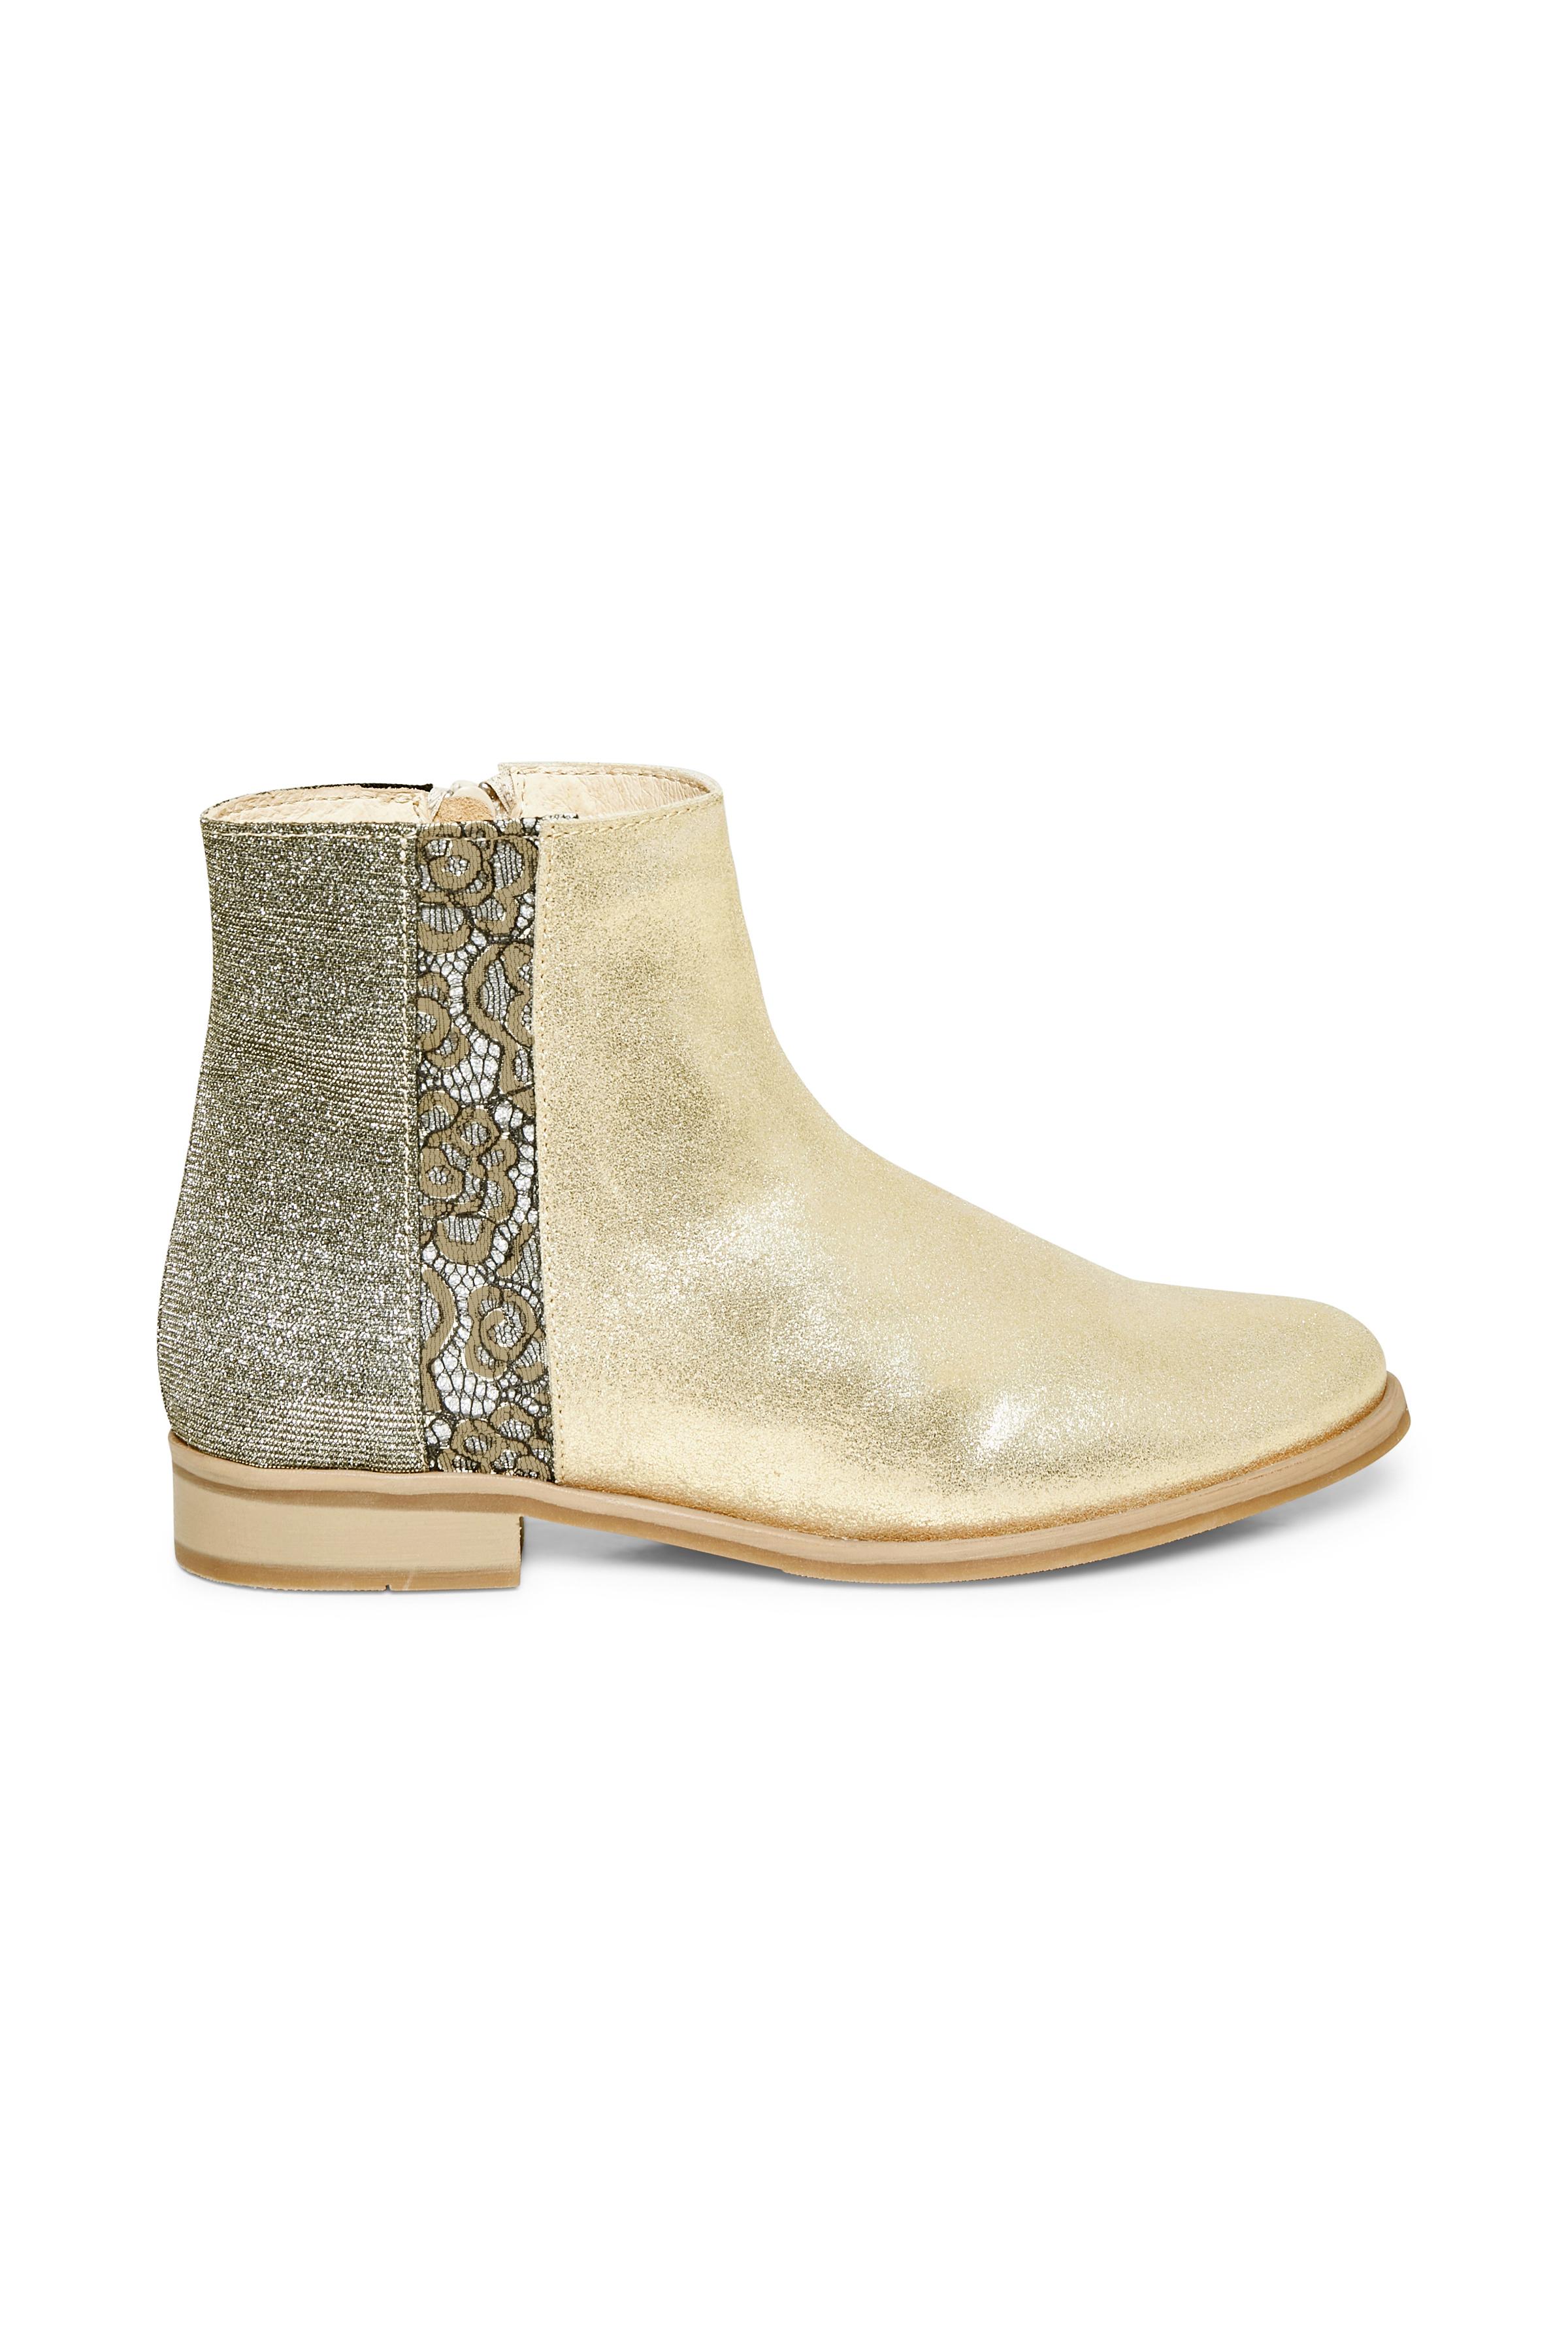 Creme/sølv Skindstøvle fra Cream Accessories – Køb Creme/sølv Skindstøvle fra str. 36-41 her